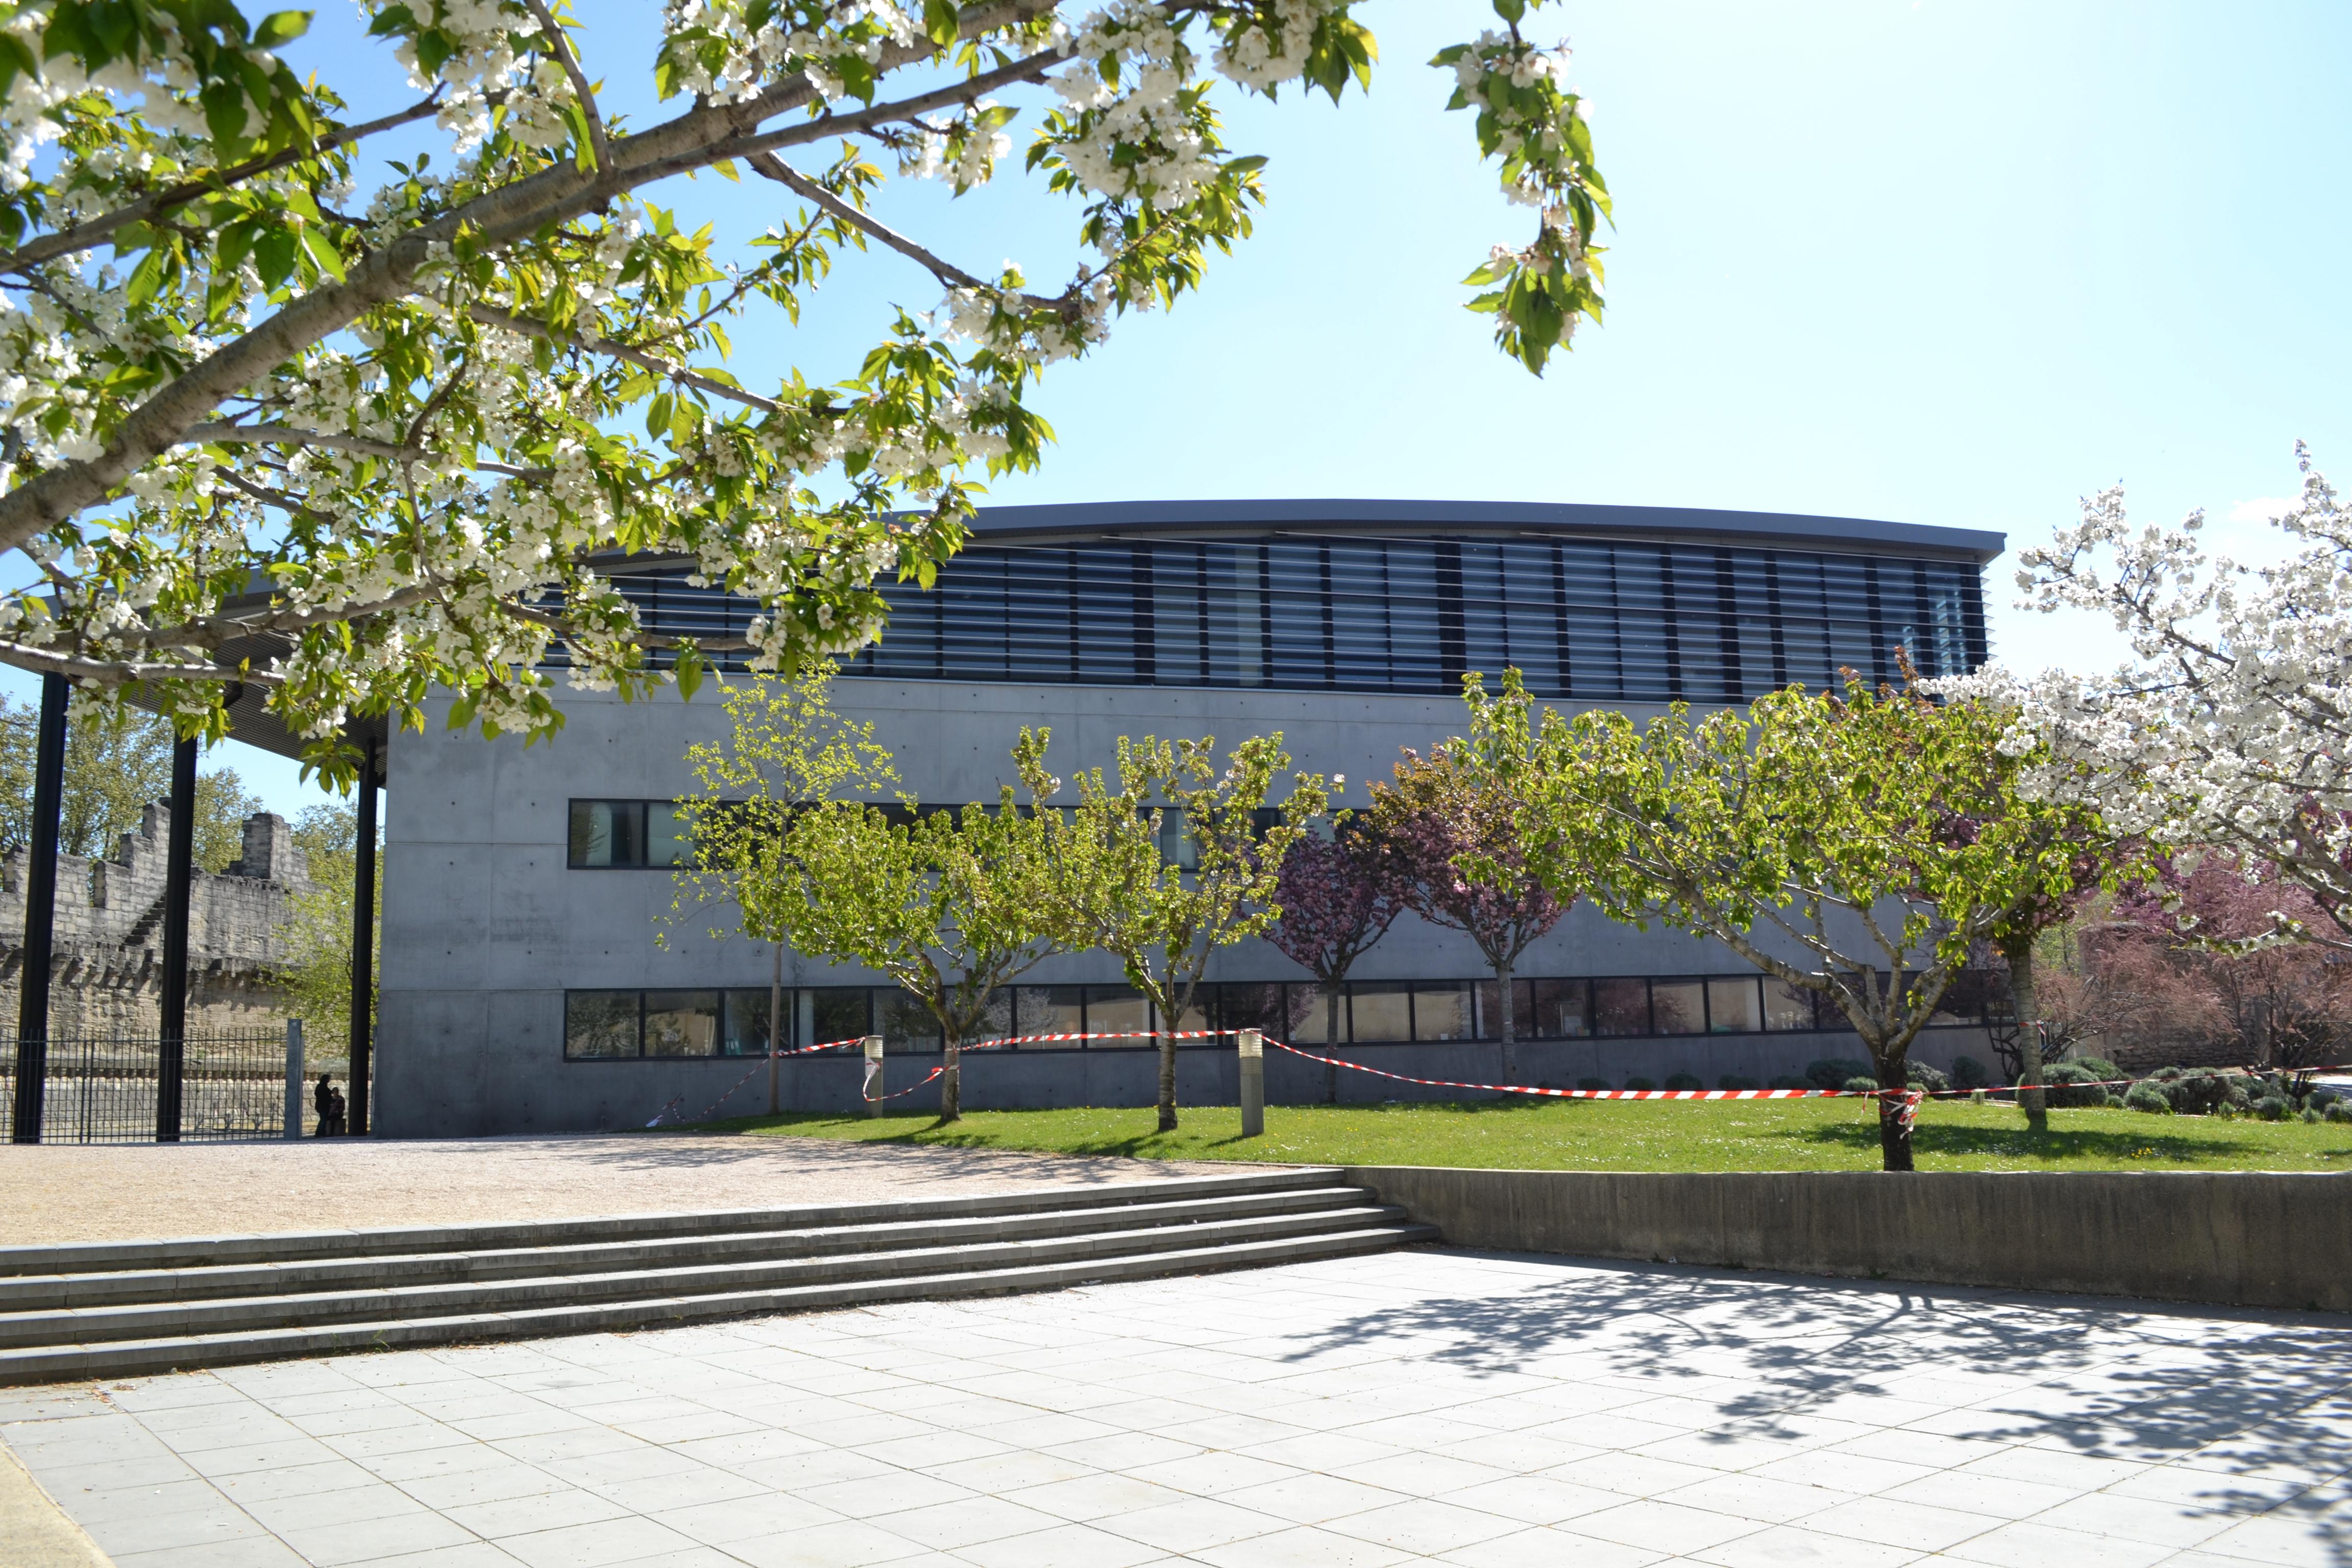 El edificio de la universidad donde se encuentran la sede del SUAPS y el pabellón | ©Andrea Oca